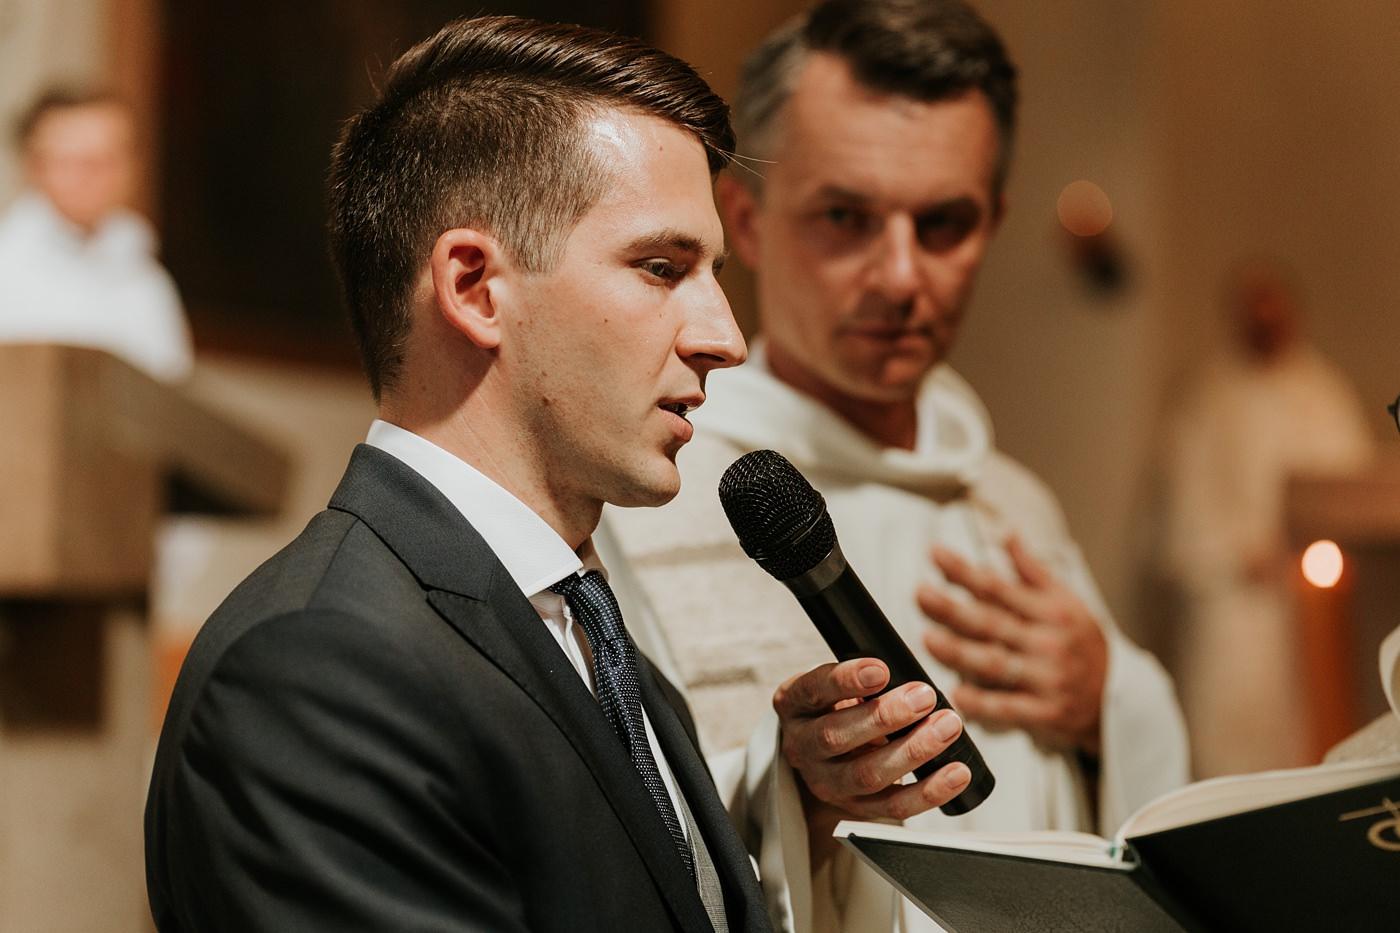 Dominika & Aleksander - Rustykalne wesele w stodole - Baborówko 55